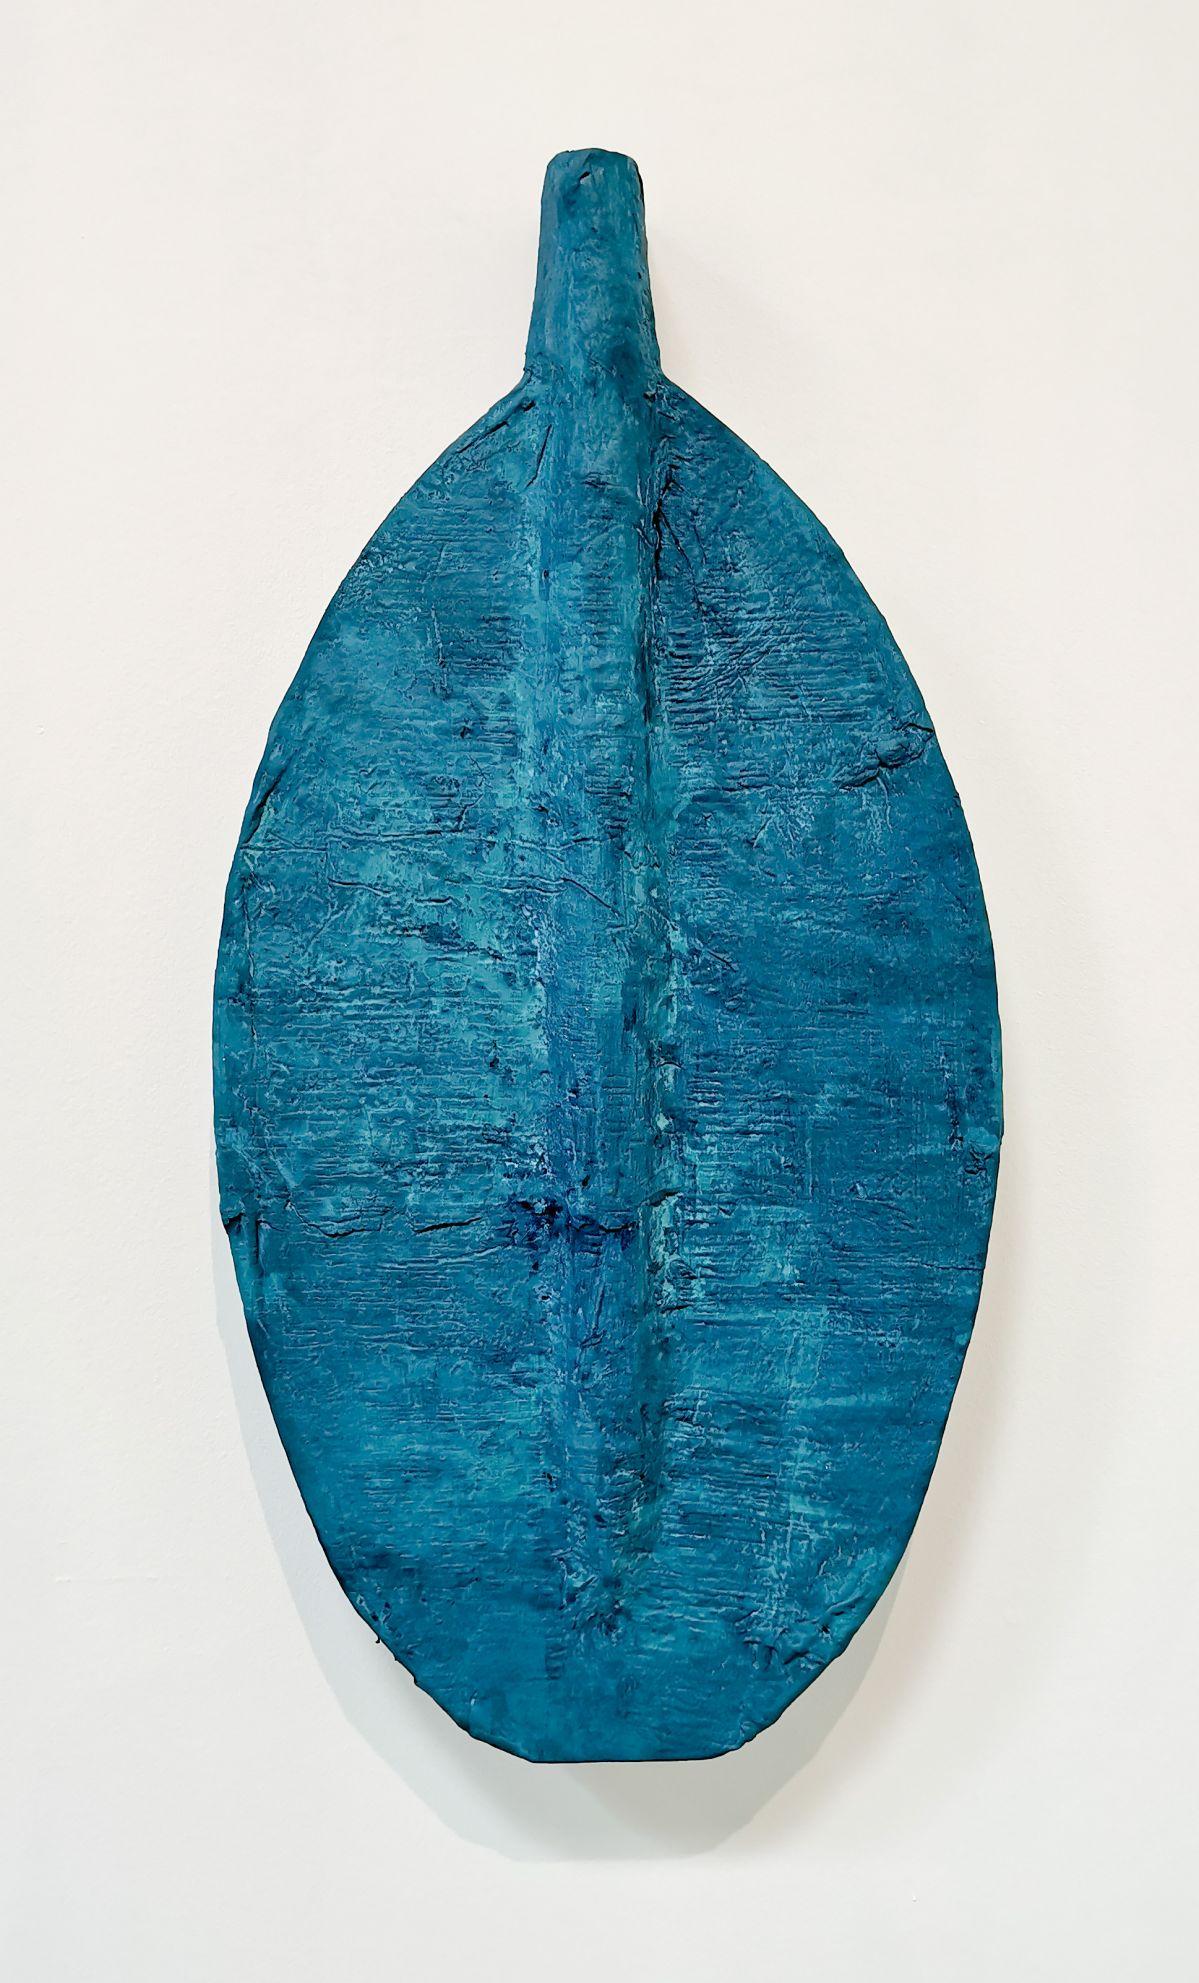 Isabelle Leduc - Amphore turquoise, 2013 - 4 à 4 au Musée Paul Valery - Sète